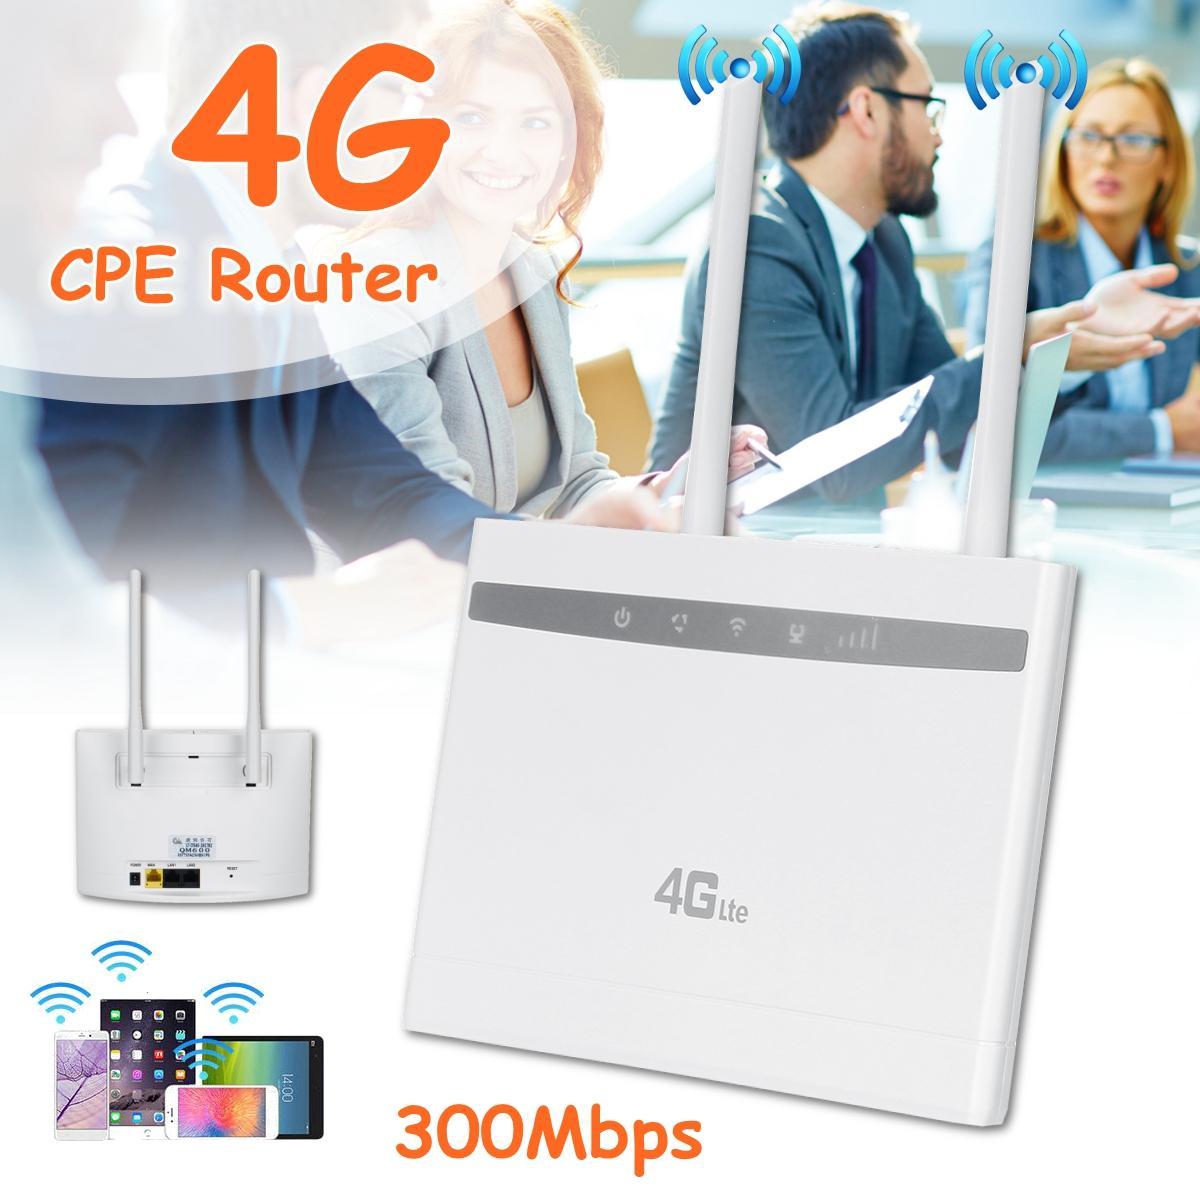 4G LTE CPE راوتر واي فاي مكرر لاسلكي هوت سبوت سيم بطاقة مودم ثنائي هوائي سيارة